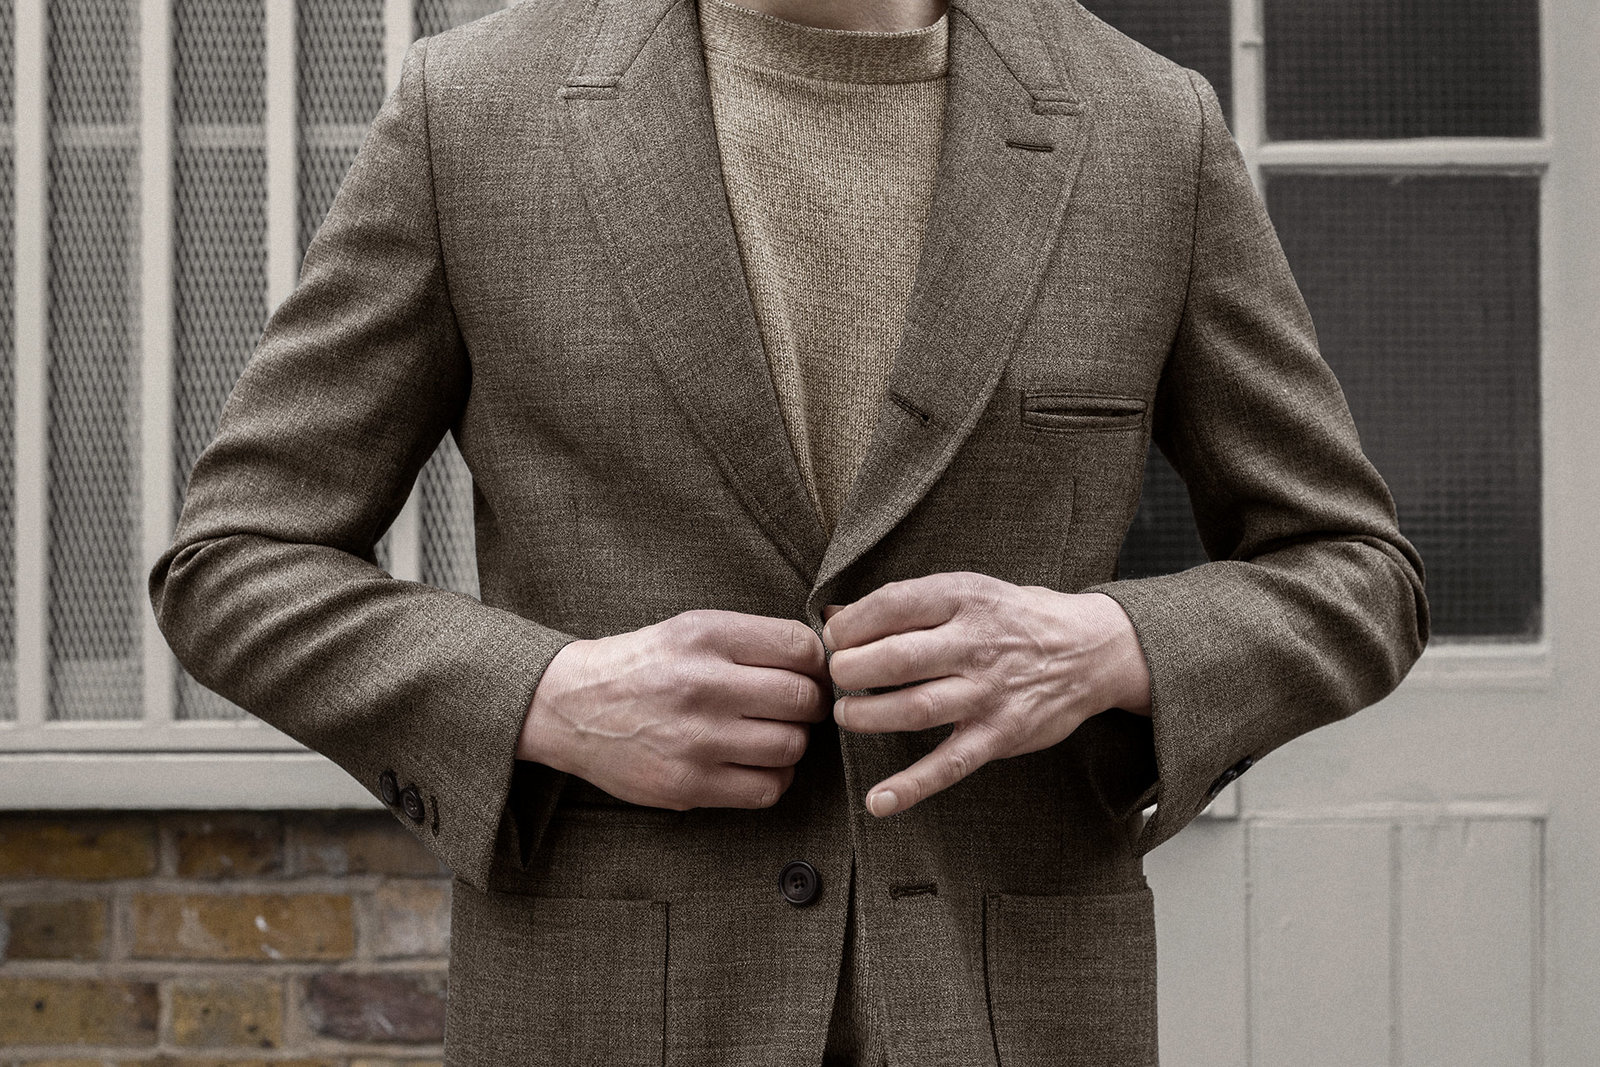 sb3-jacket-tropical-worsted-brown-worn-4@2x.jpg